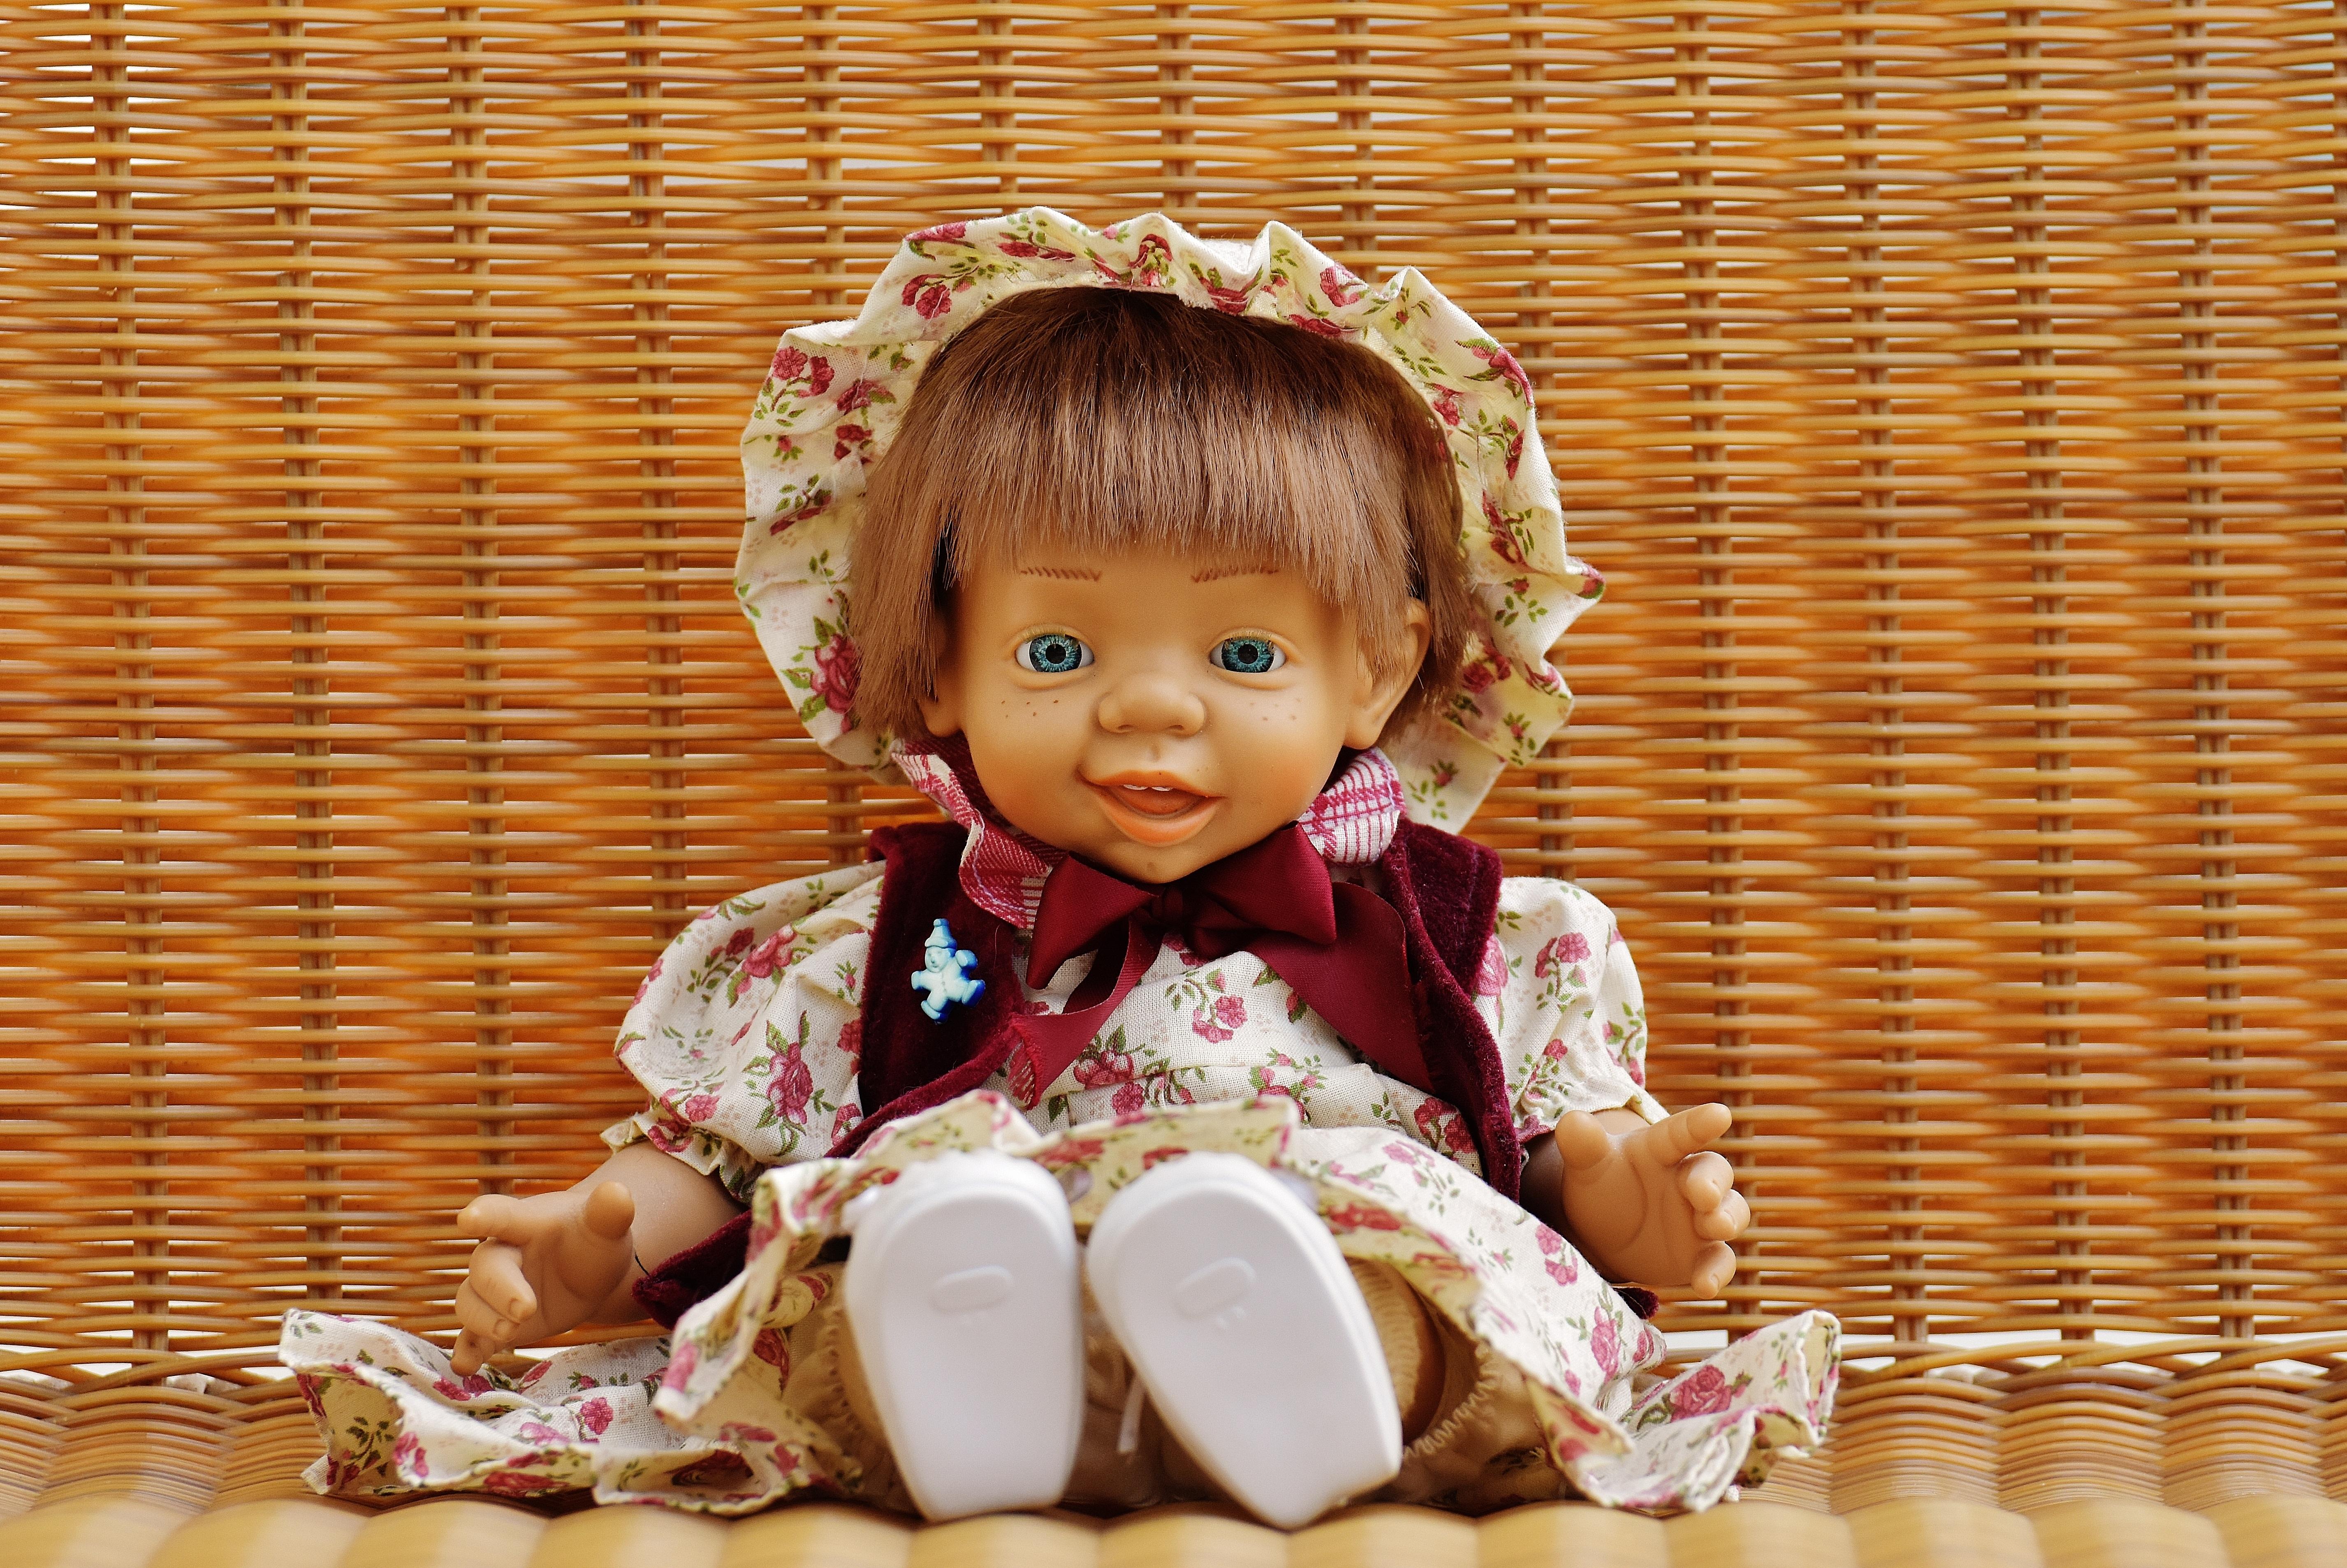 Открытки, прикольные картинки с куклами и надписями